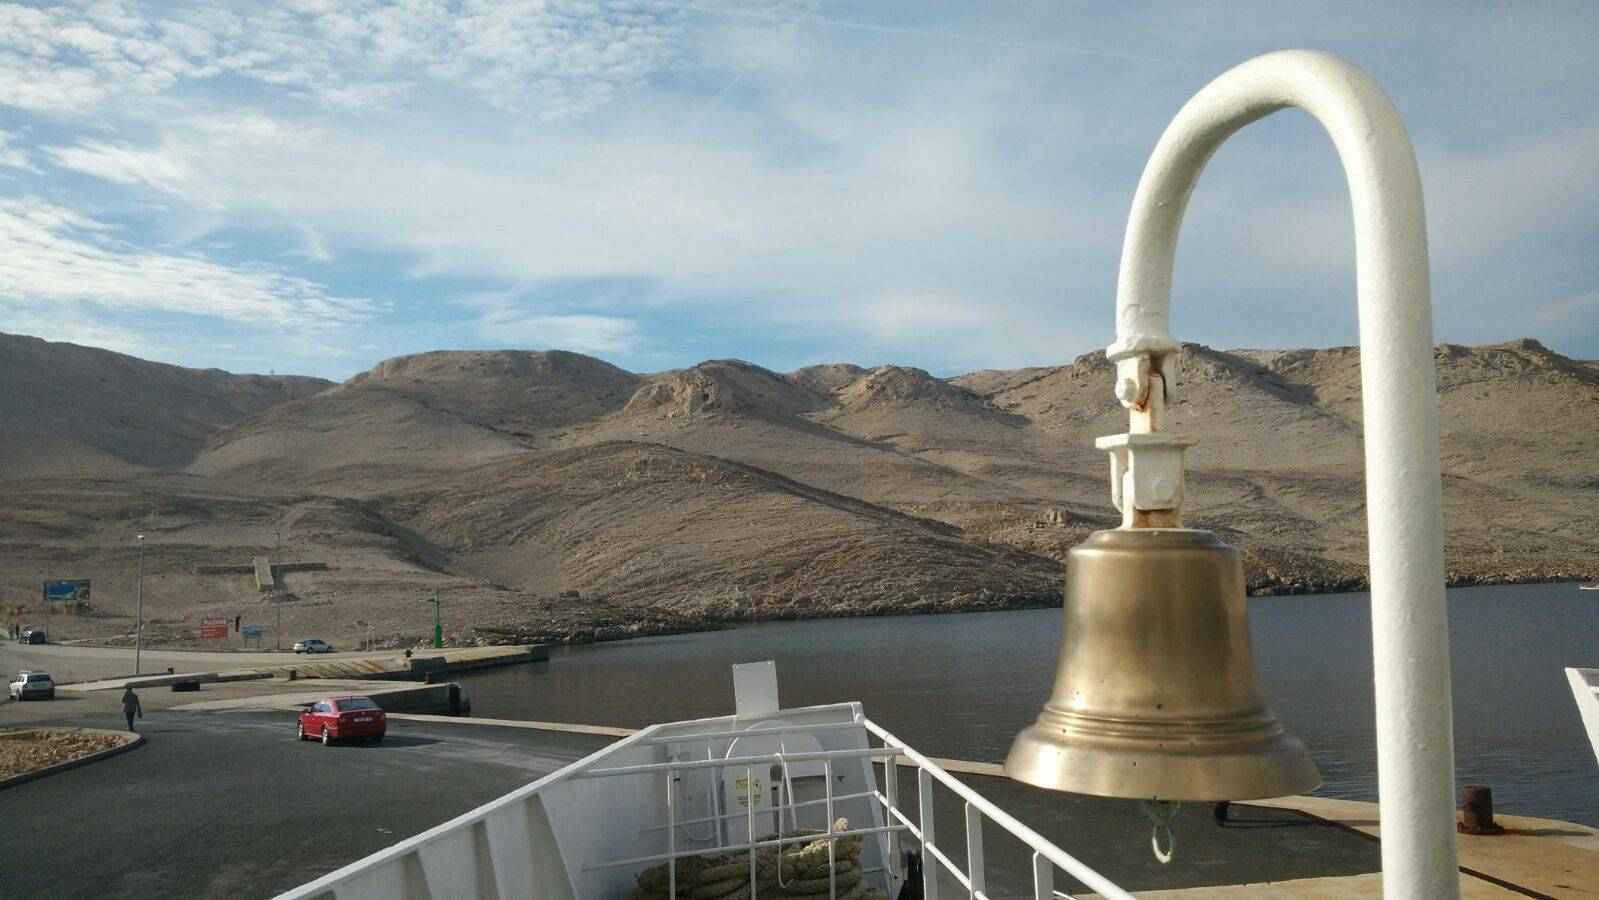 perle por el mundo15 - Elías Escribano llega al mar Adriático. Etapas 76-82 de Perlé por el Mundo